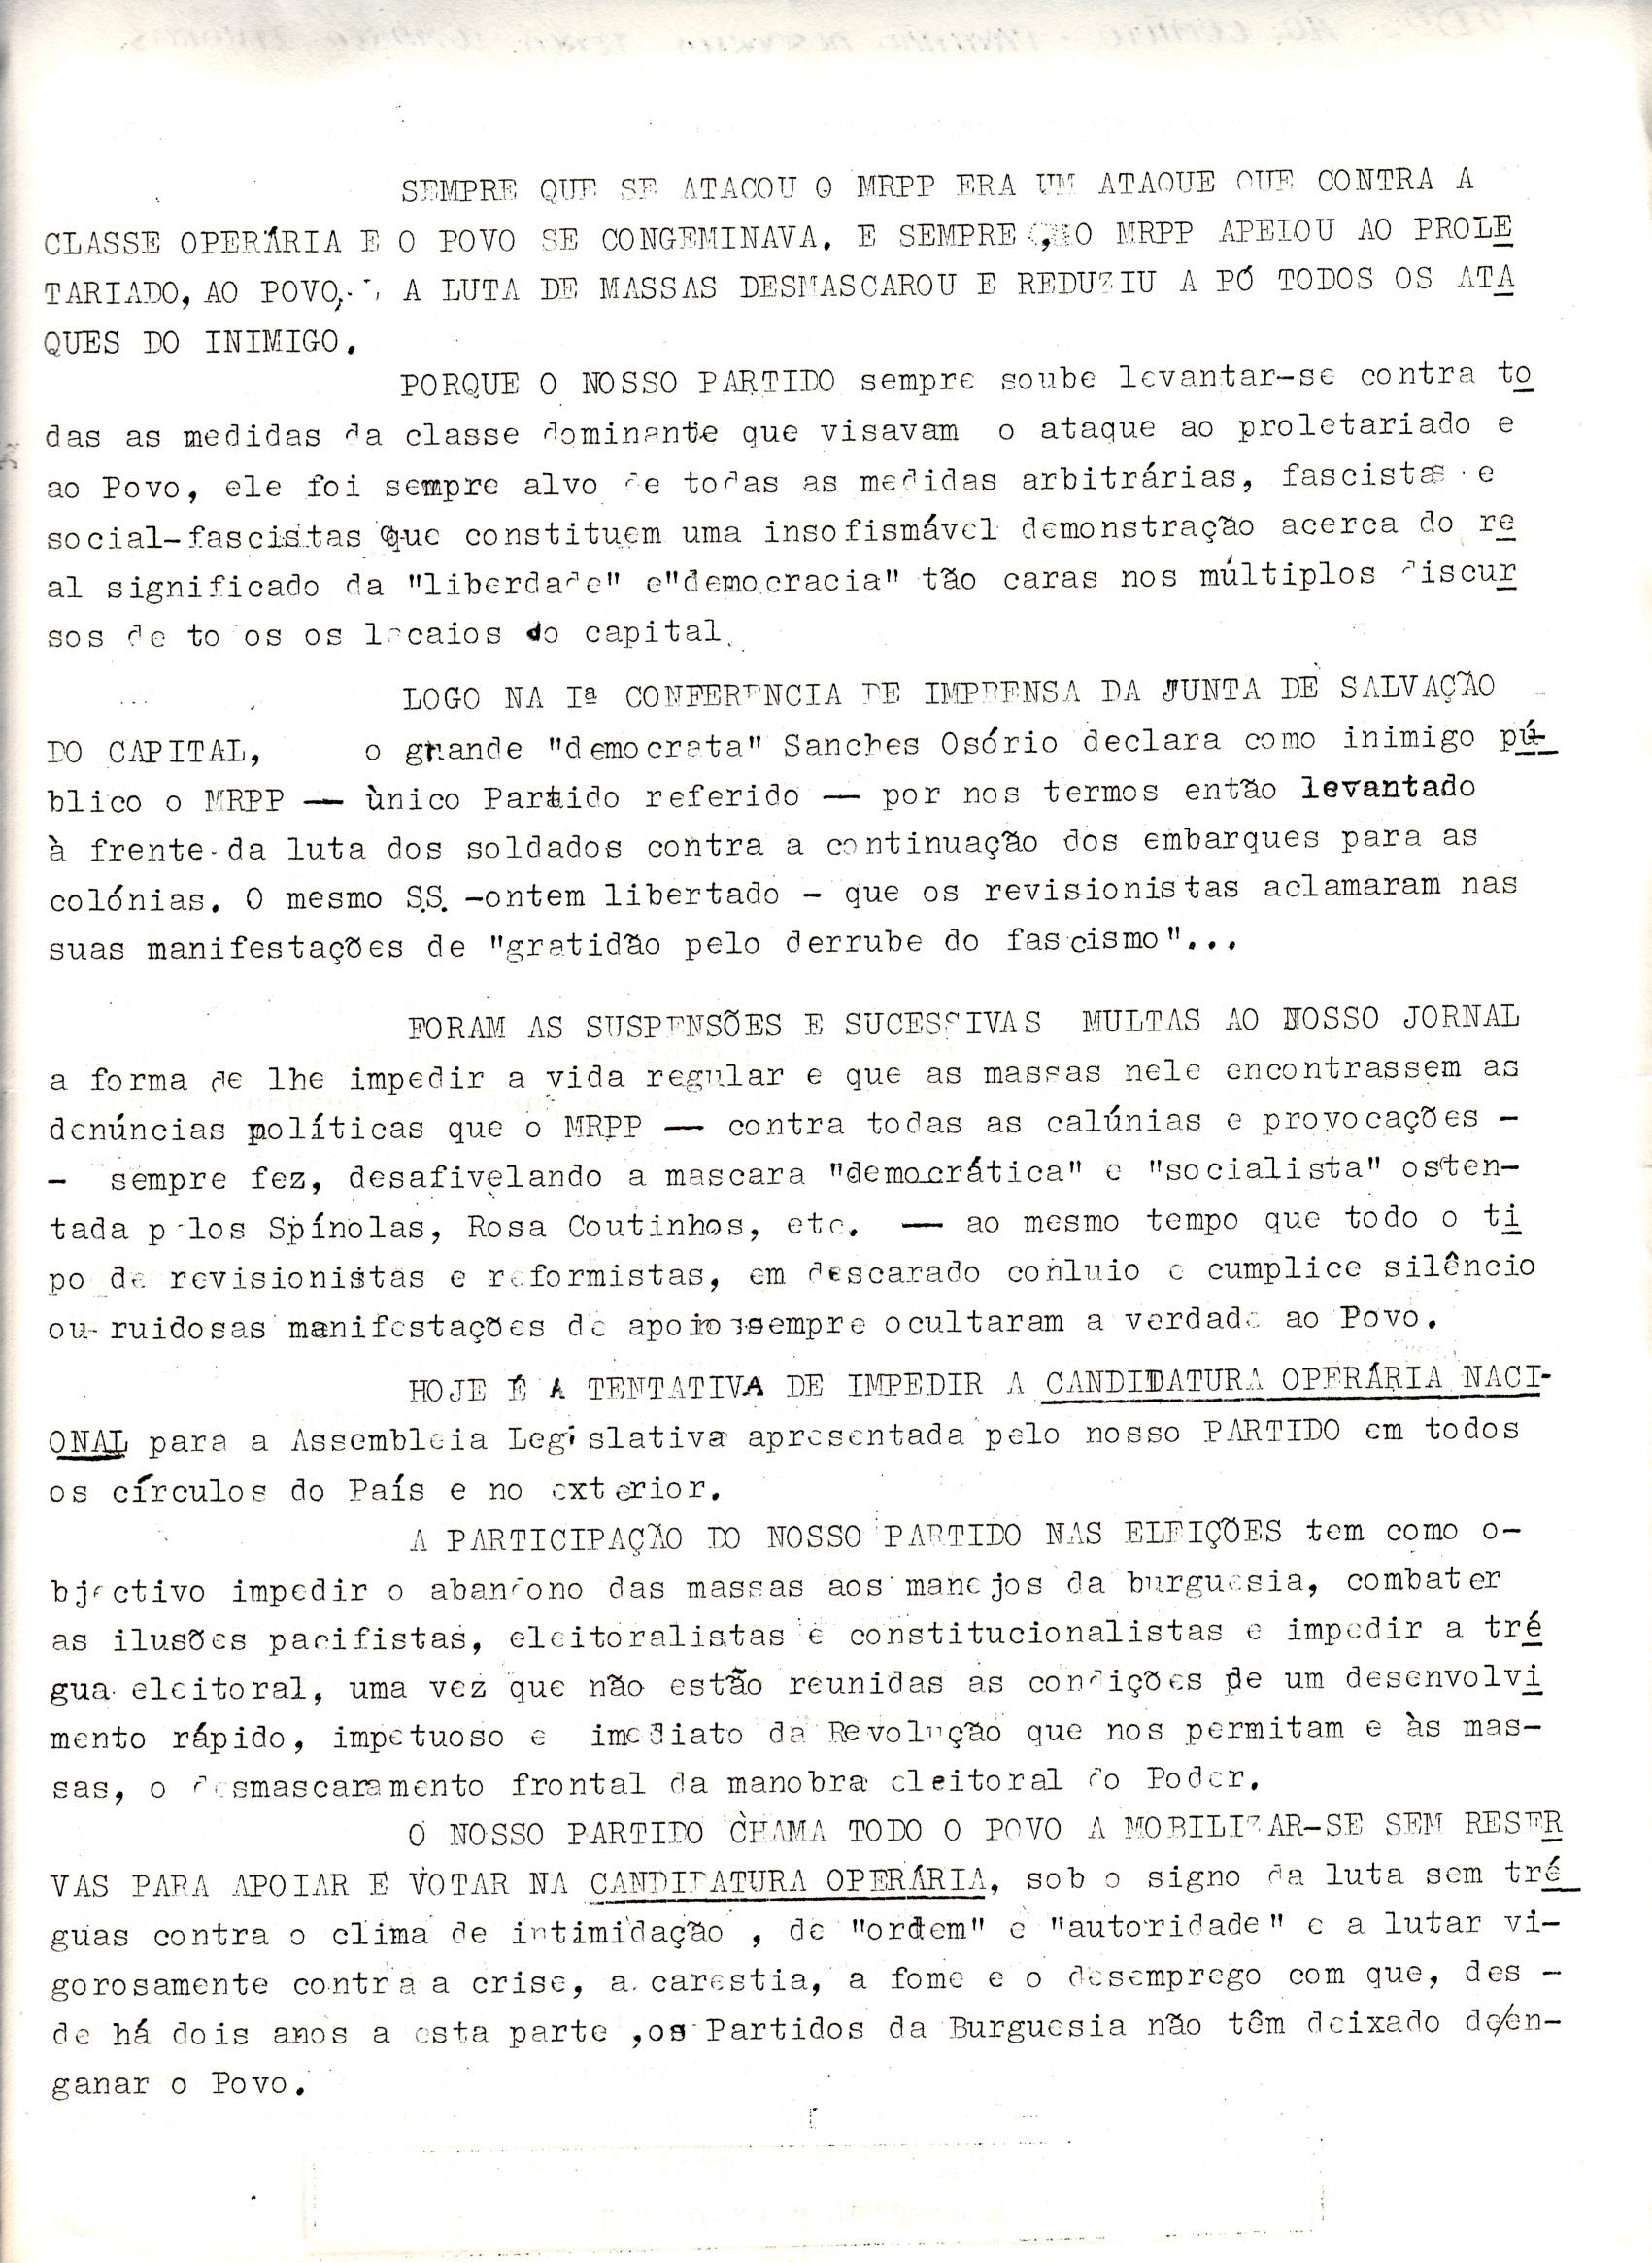 mrpp_1976_eleicao_profs_0004